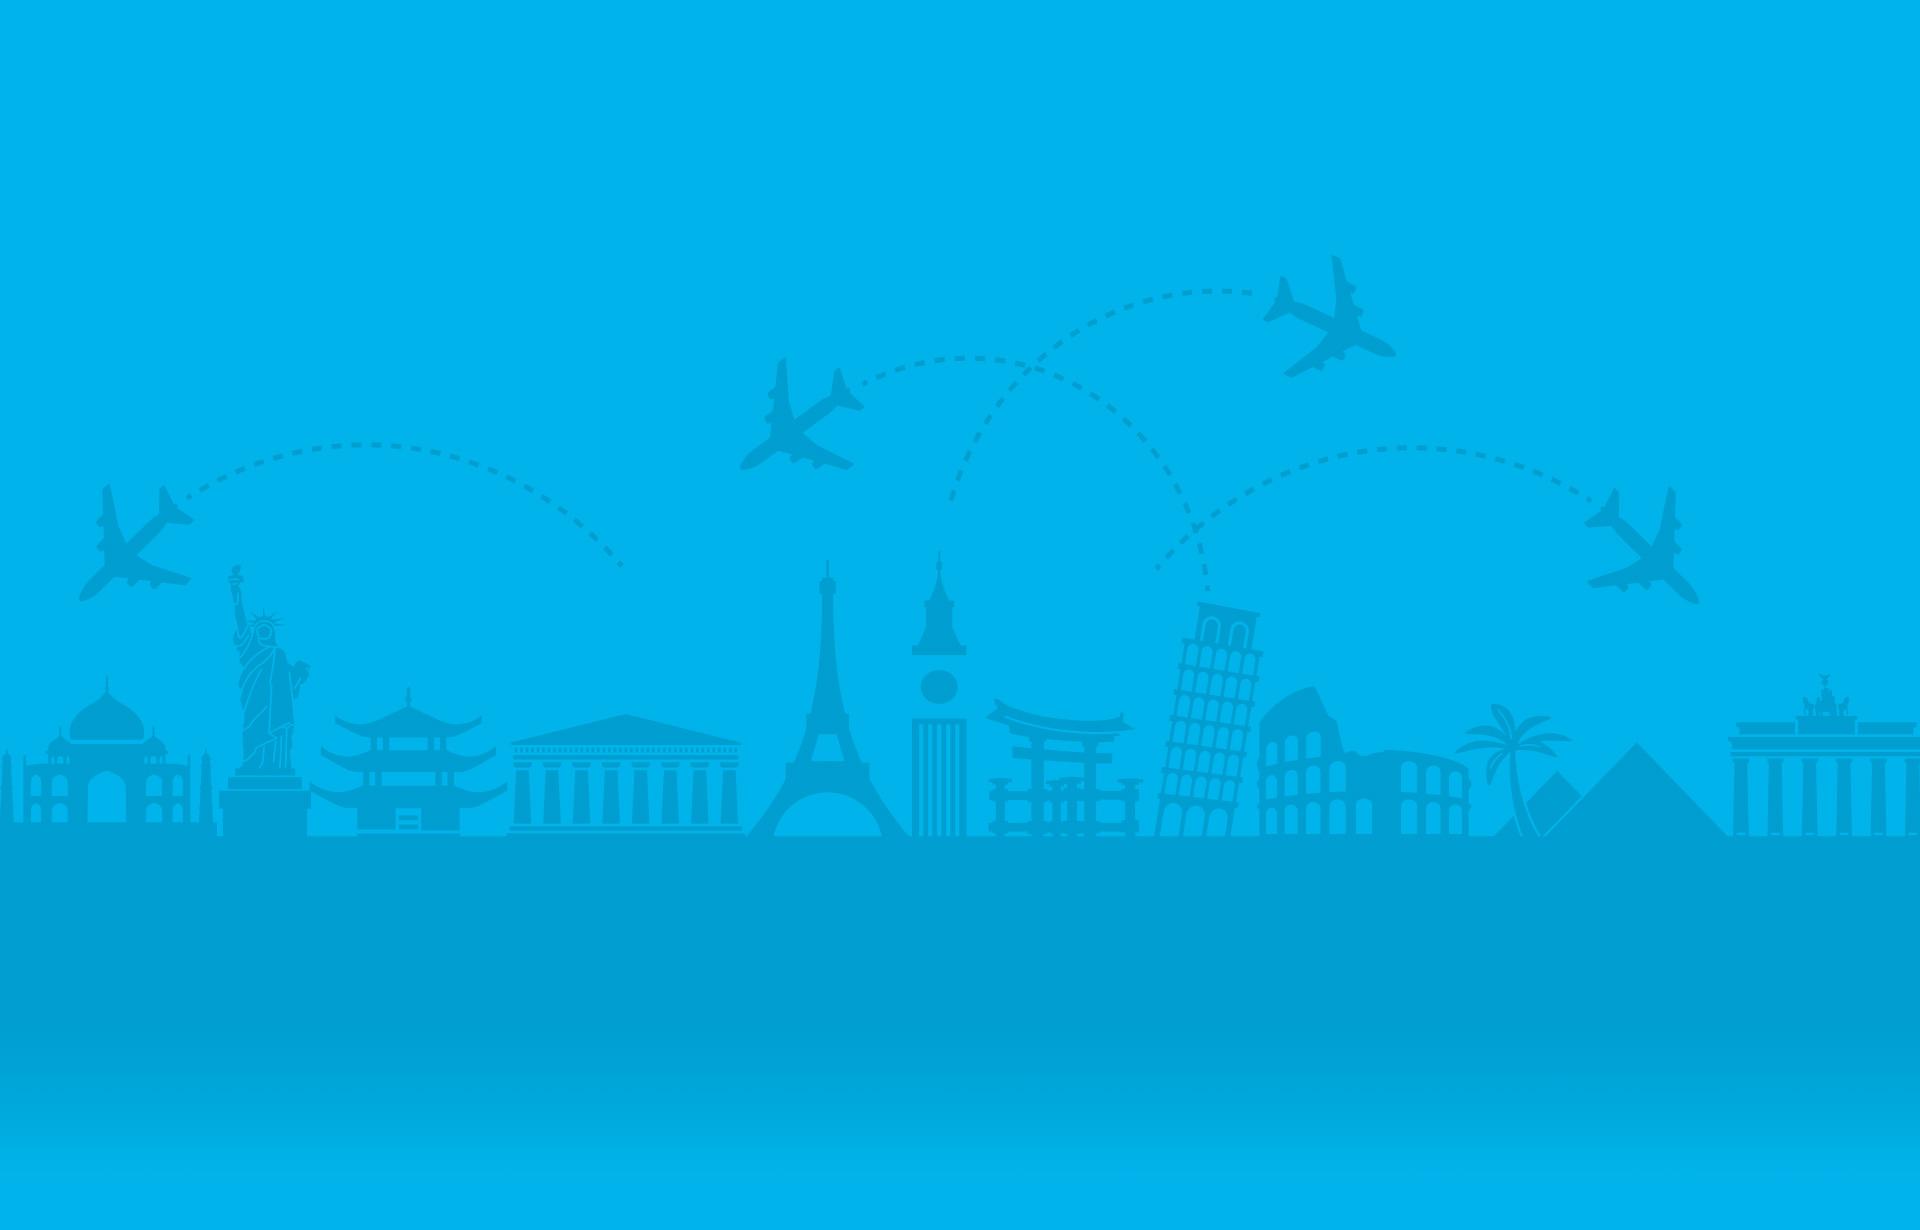 Oferta De Viagens Oferta De Viagens: Ofertas De Viagens Caraíbas